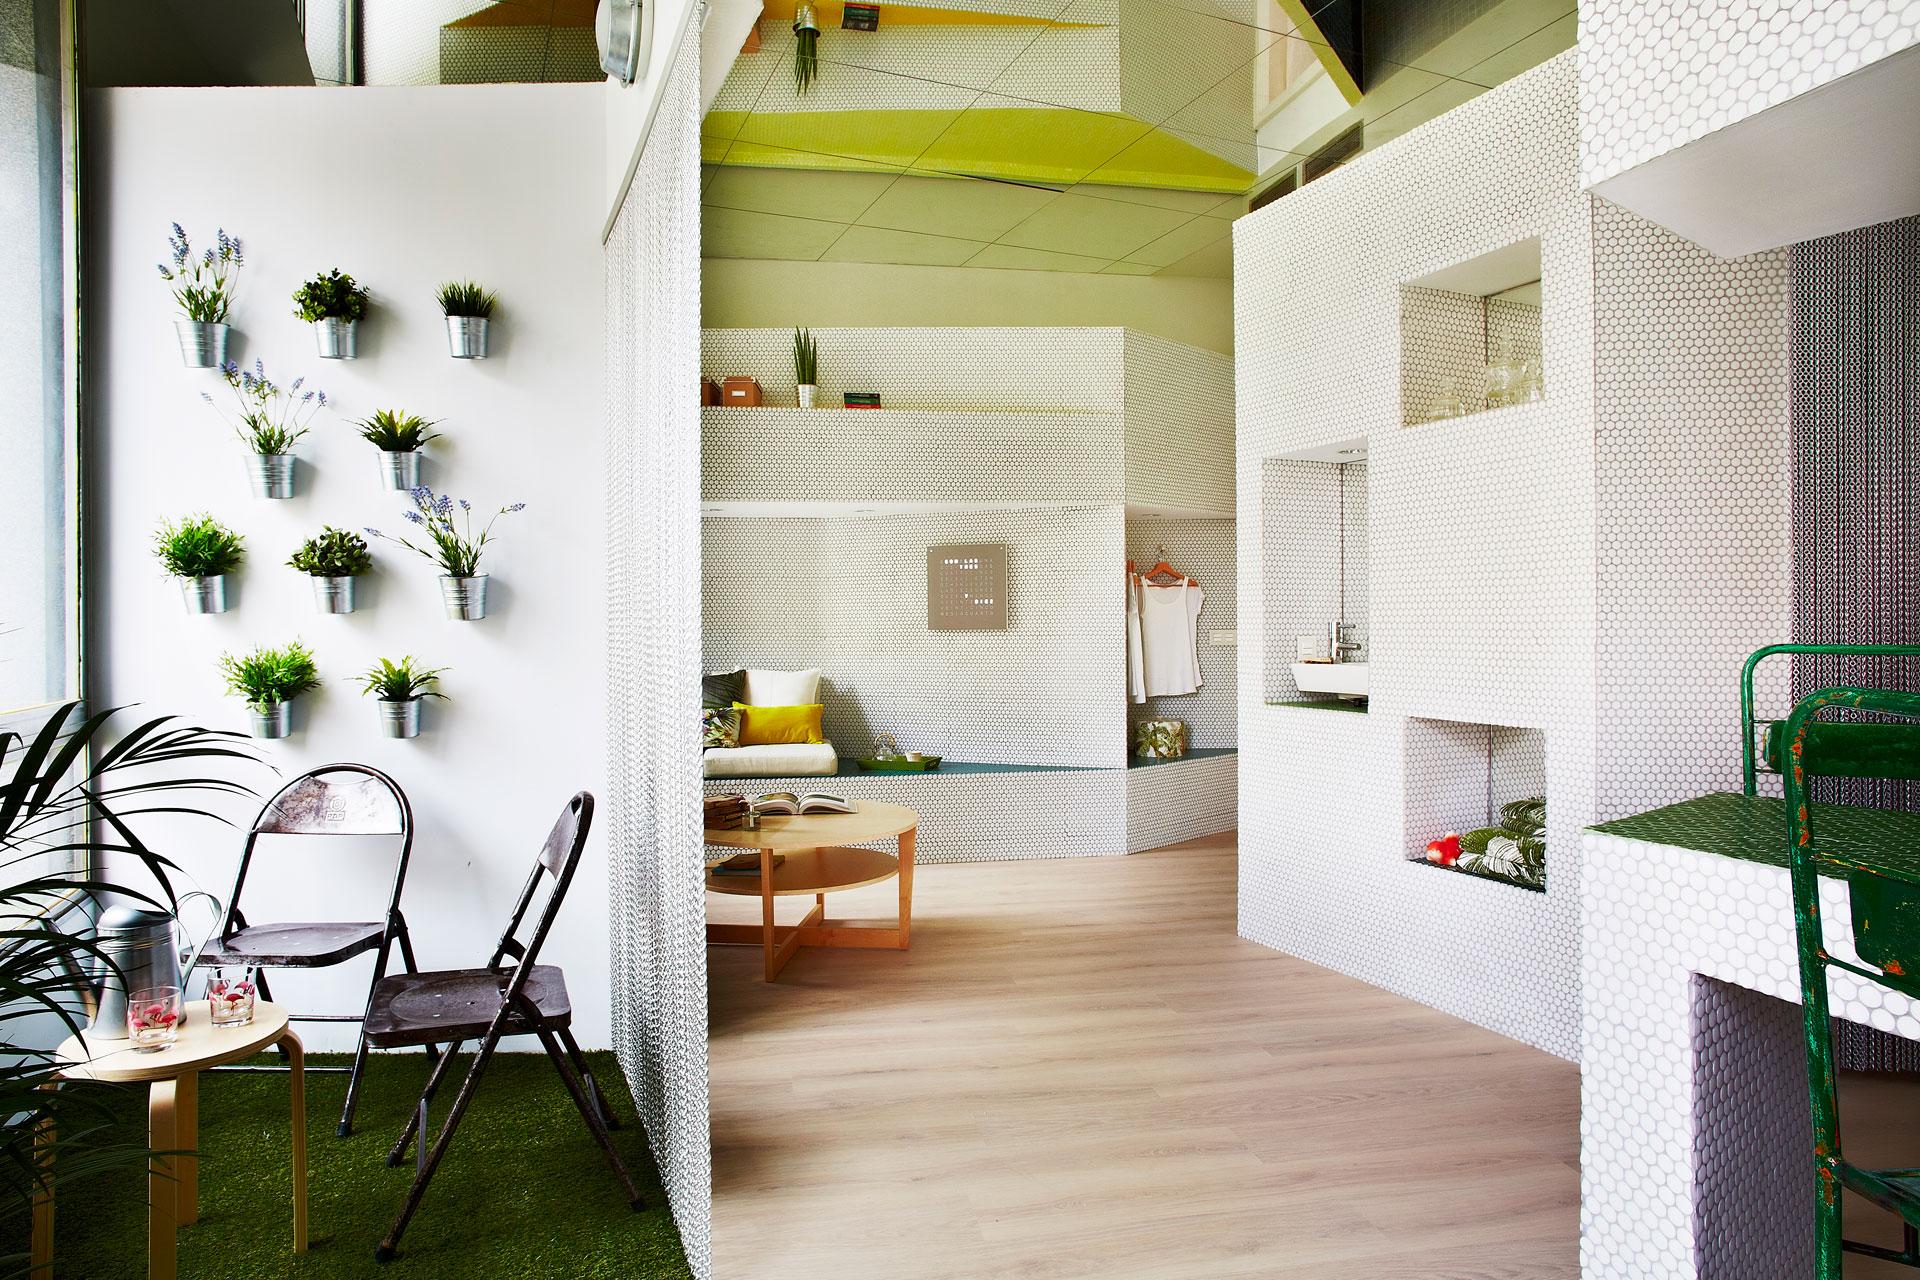 สวย จบ ครบในพื้นที่ 36 ตร.ม. ด้วยฟังก์ชั่นที่น่าอยู่ และเหมาะสำหรับคนเมือง 13 - Art & Design